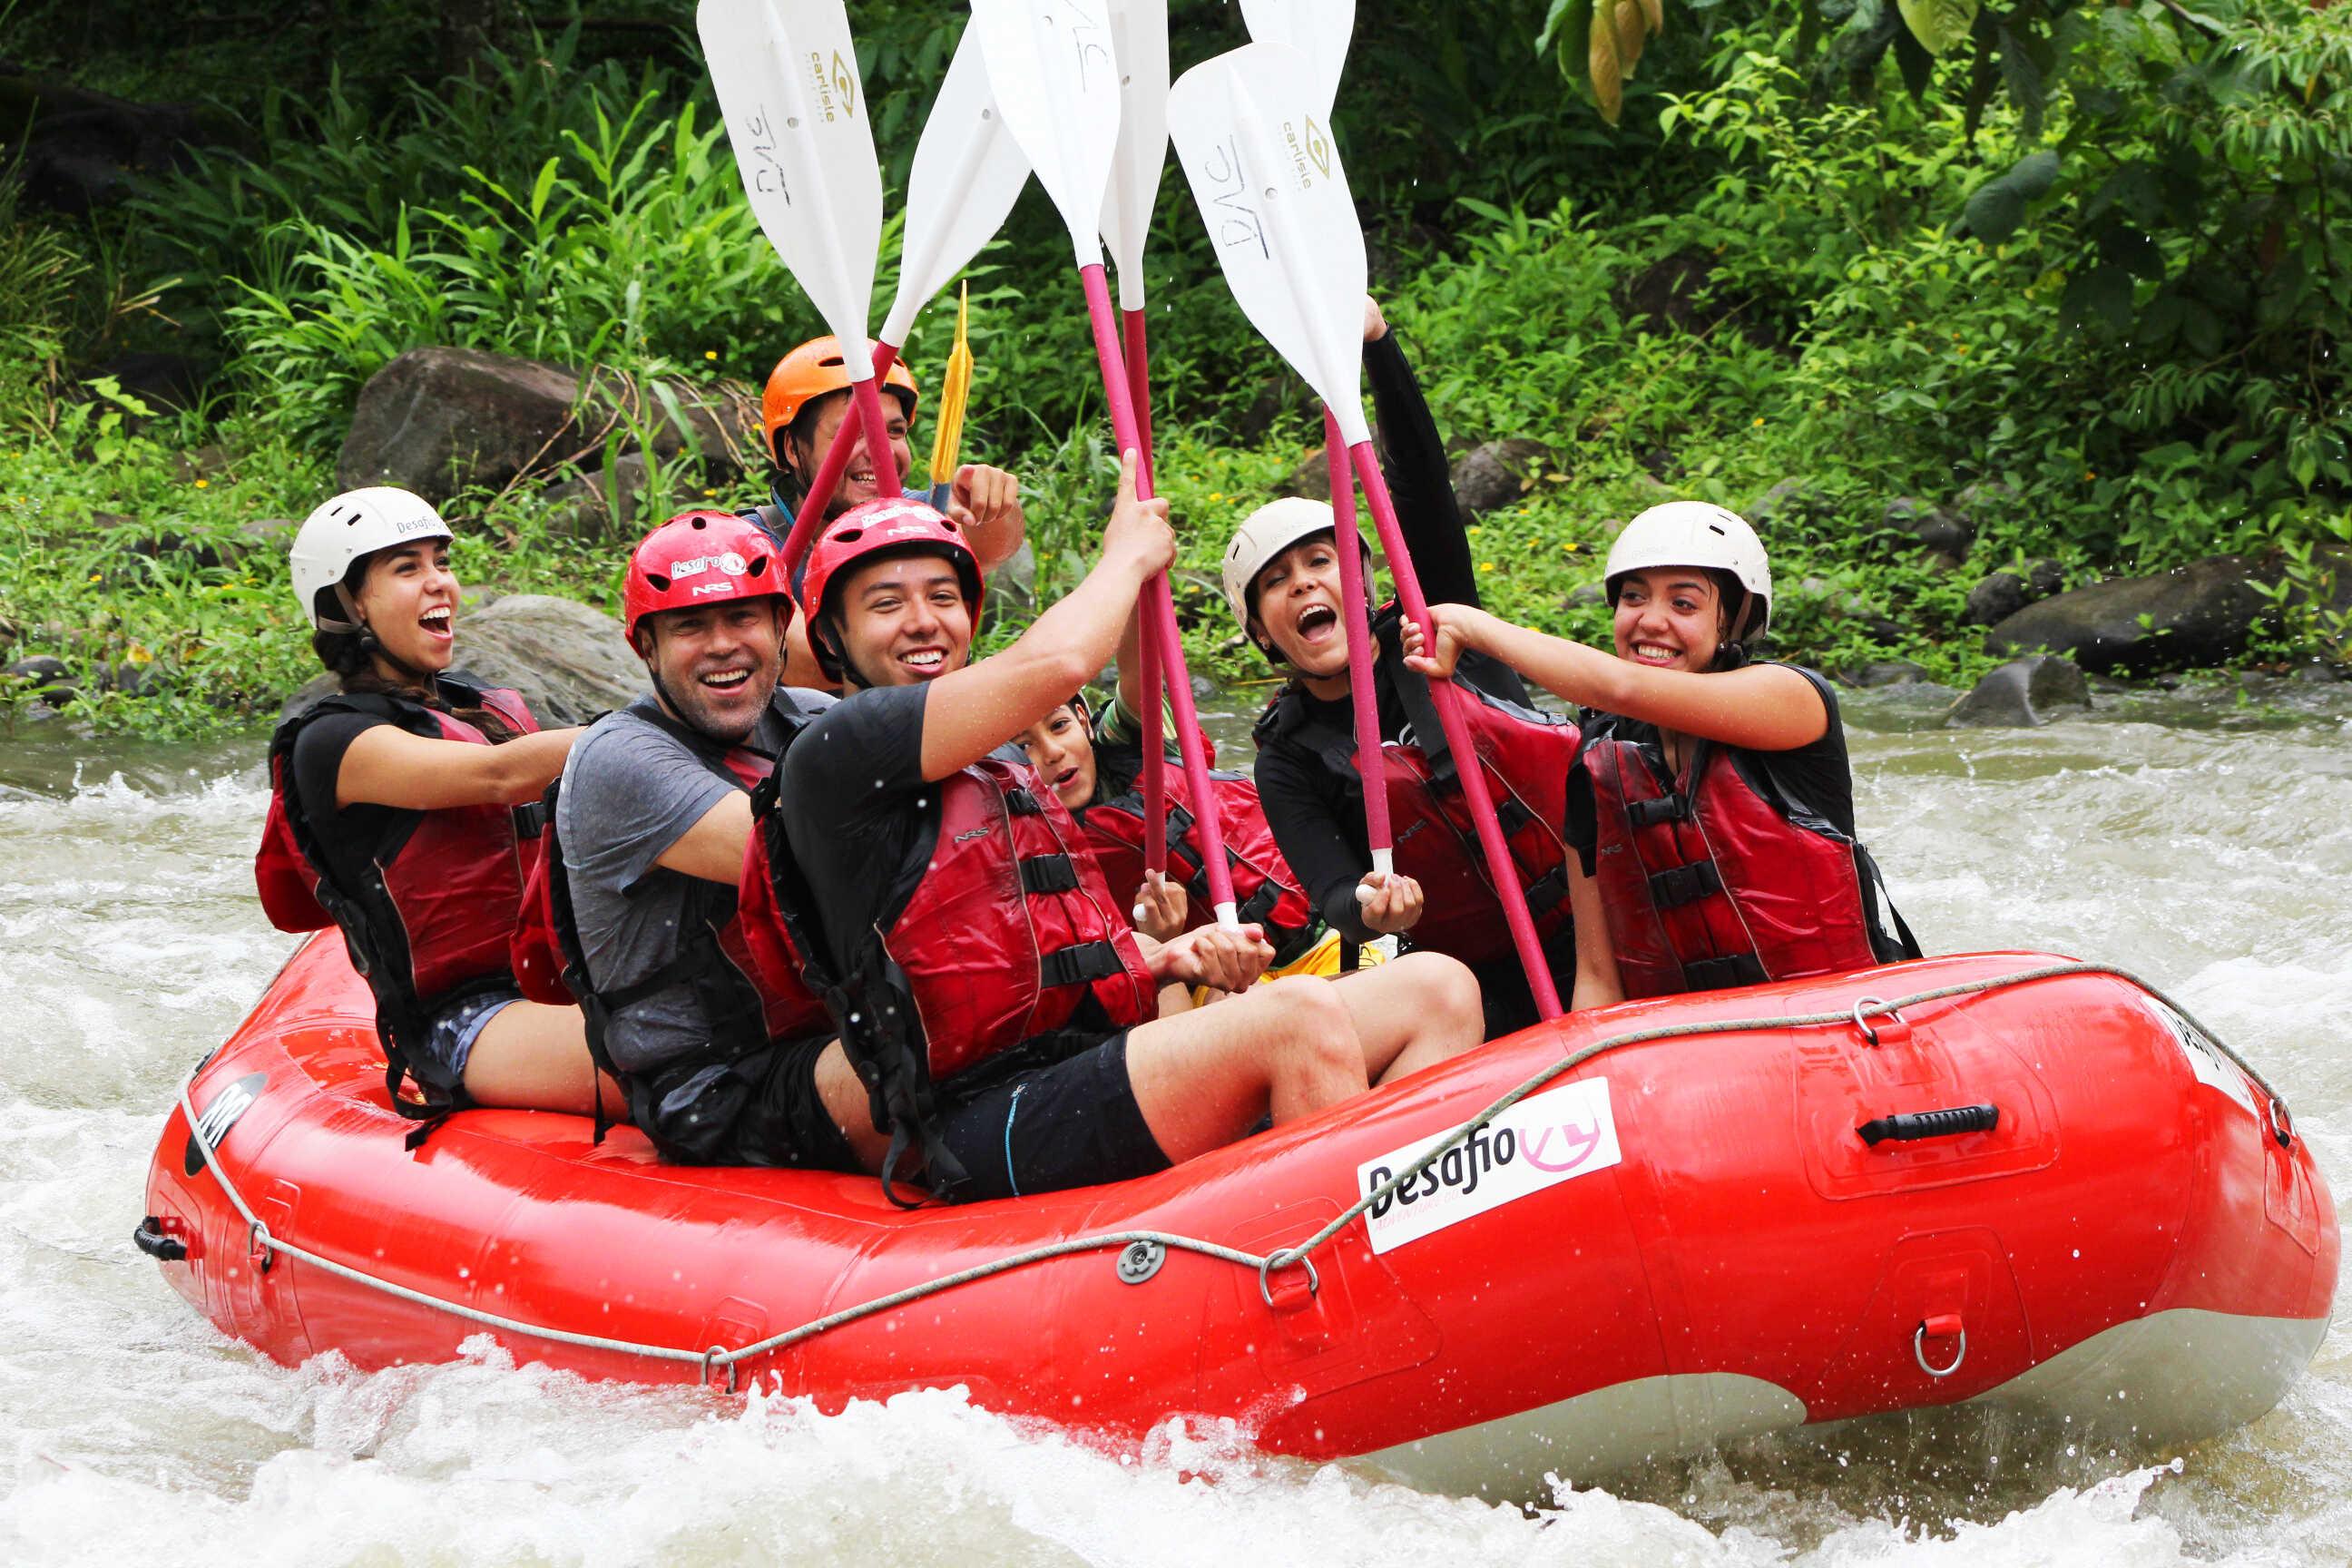 Family Trip to Costa Rica. Desafio Adventure Company